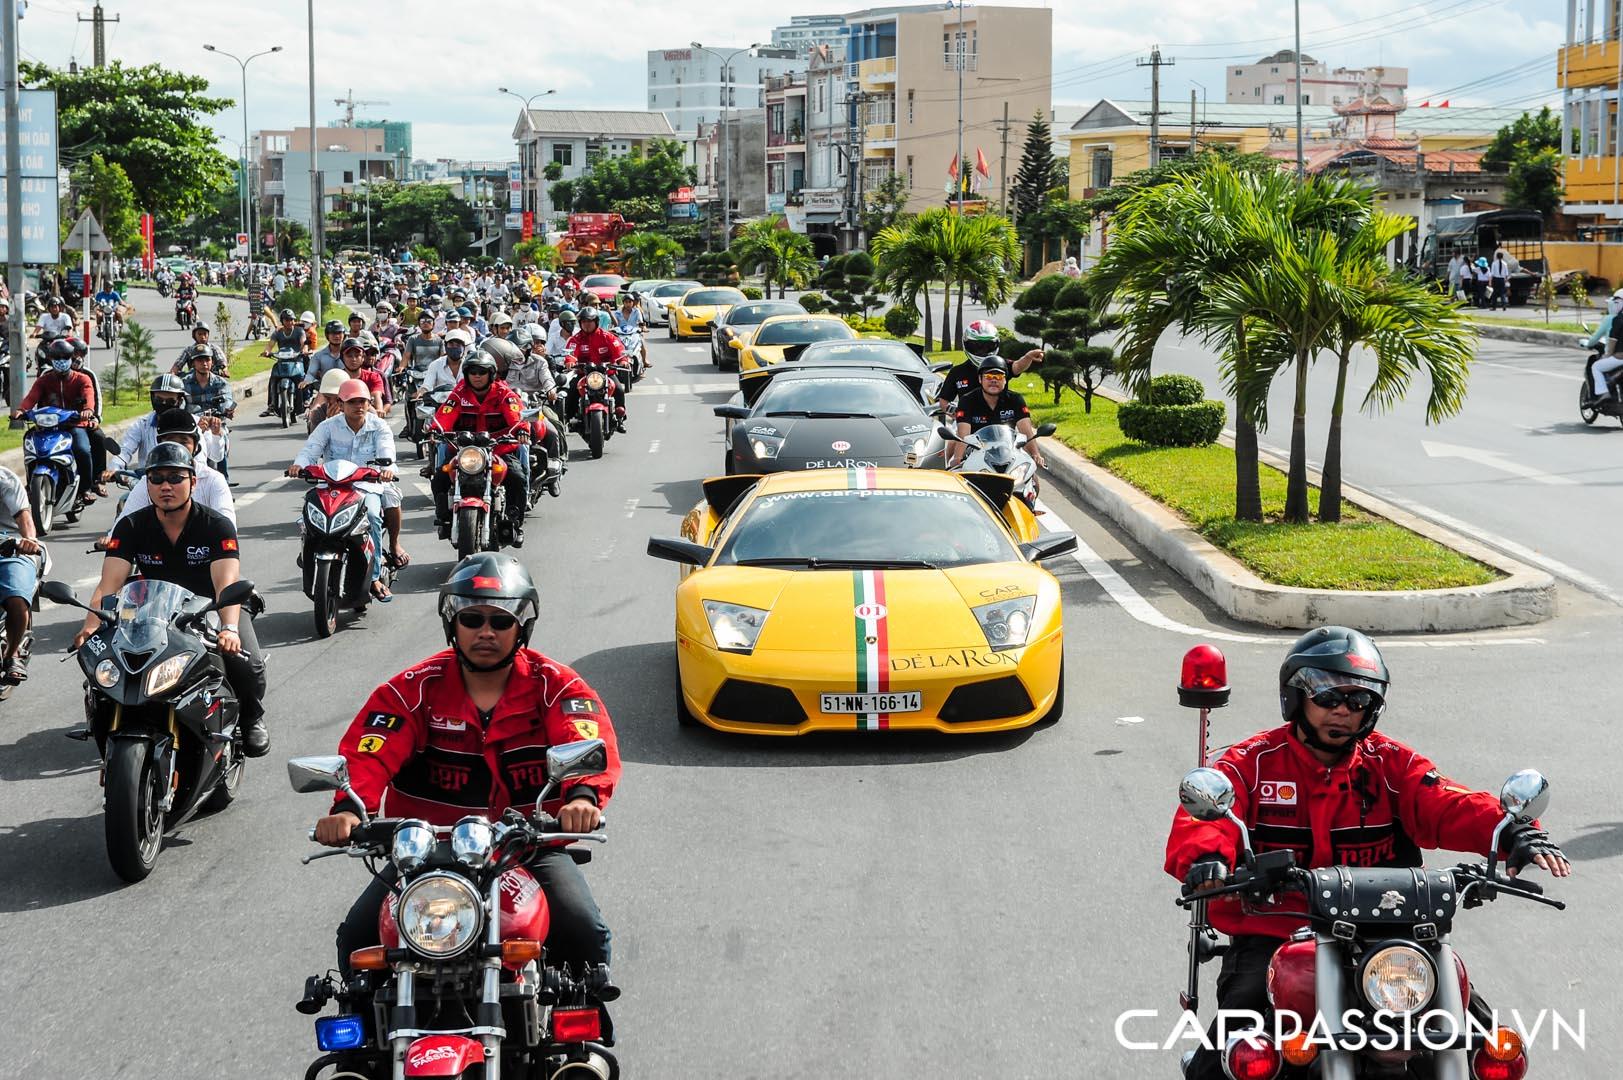 CP-Hành trình siêu xe CarPassion 2011 Day 5 (179).jpg